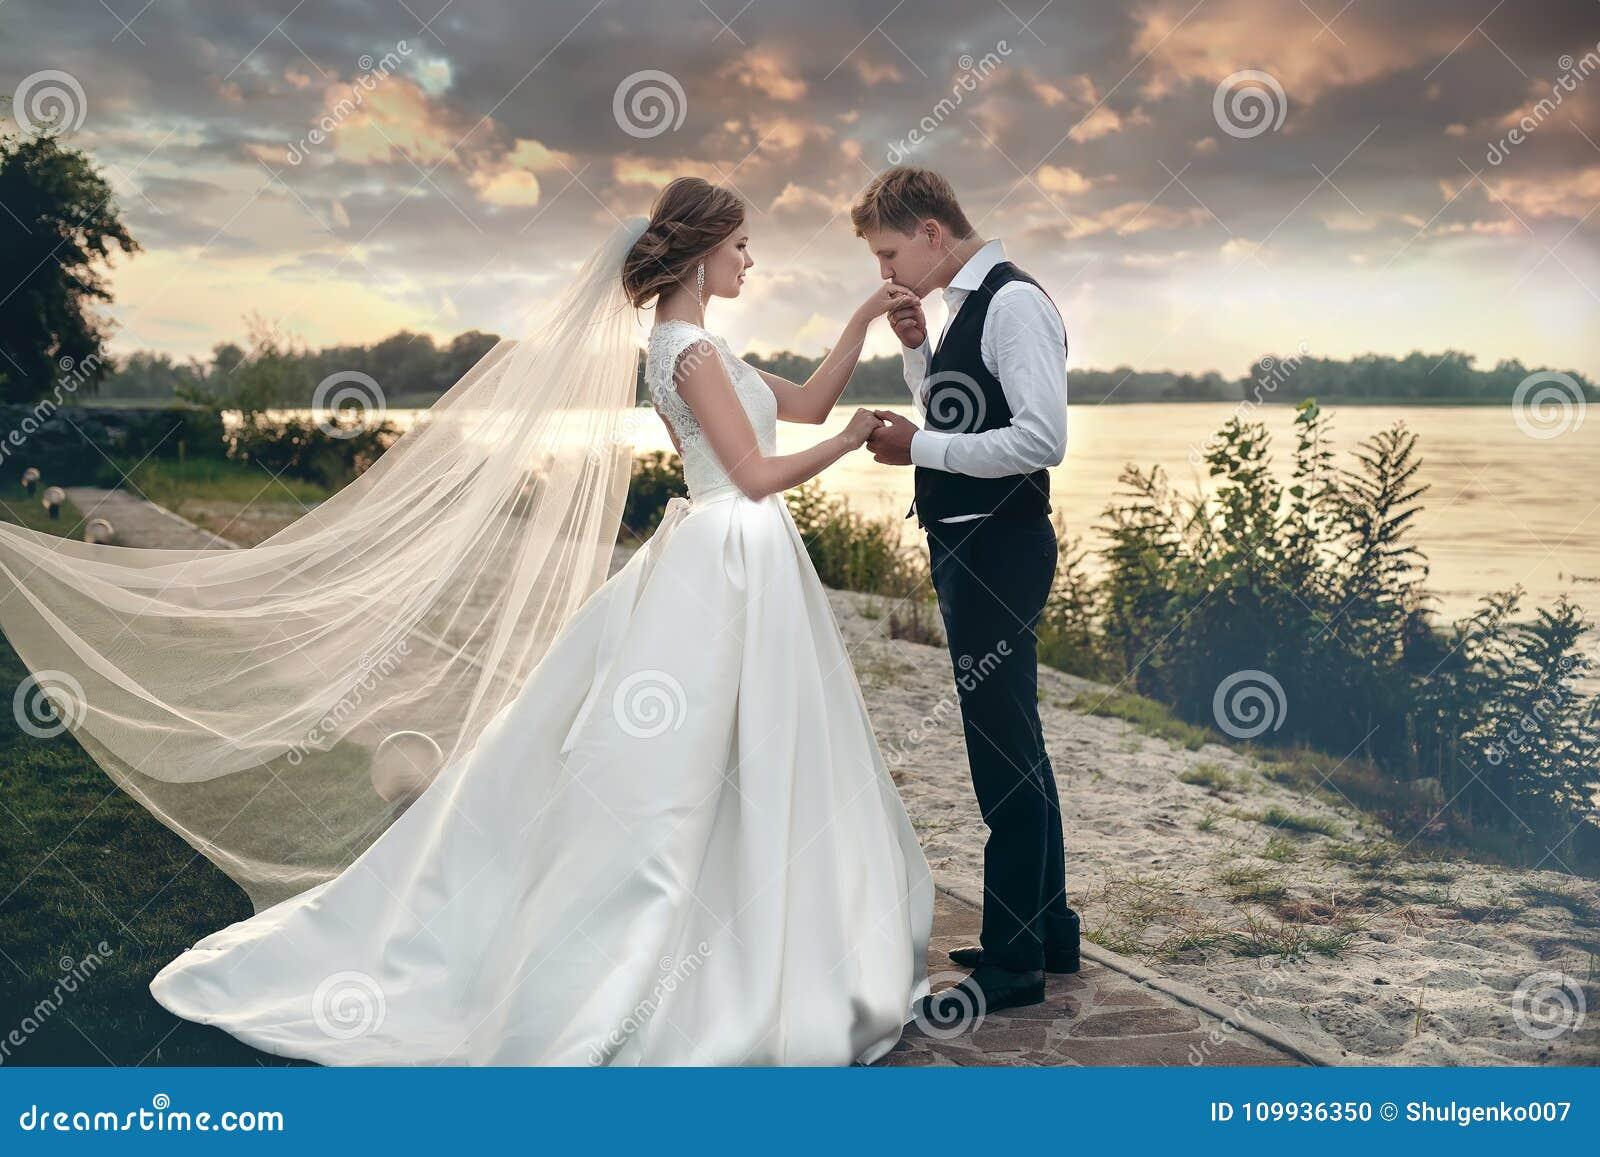 La sposa e lo sposo in vestiti da sposa su sfondo naturale Ne